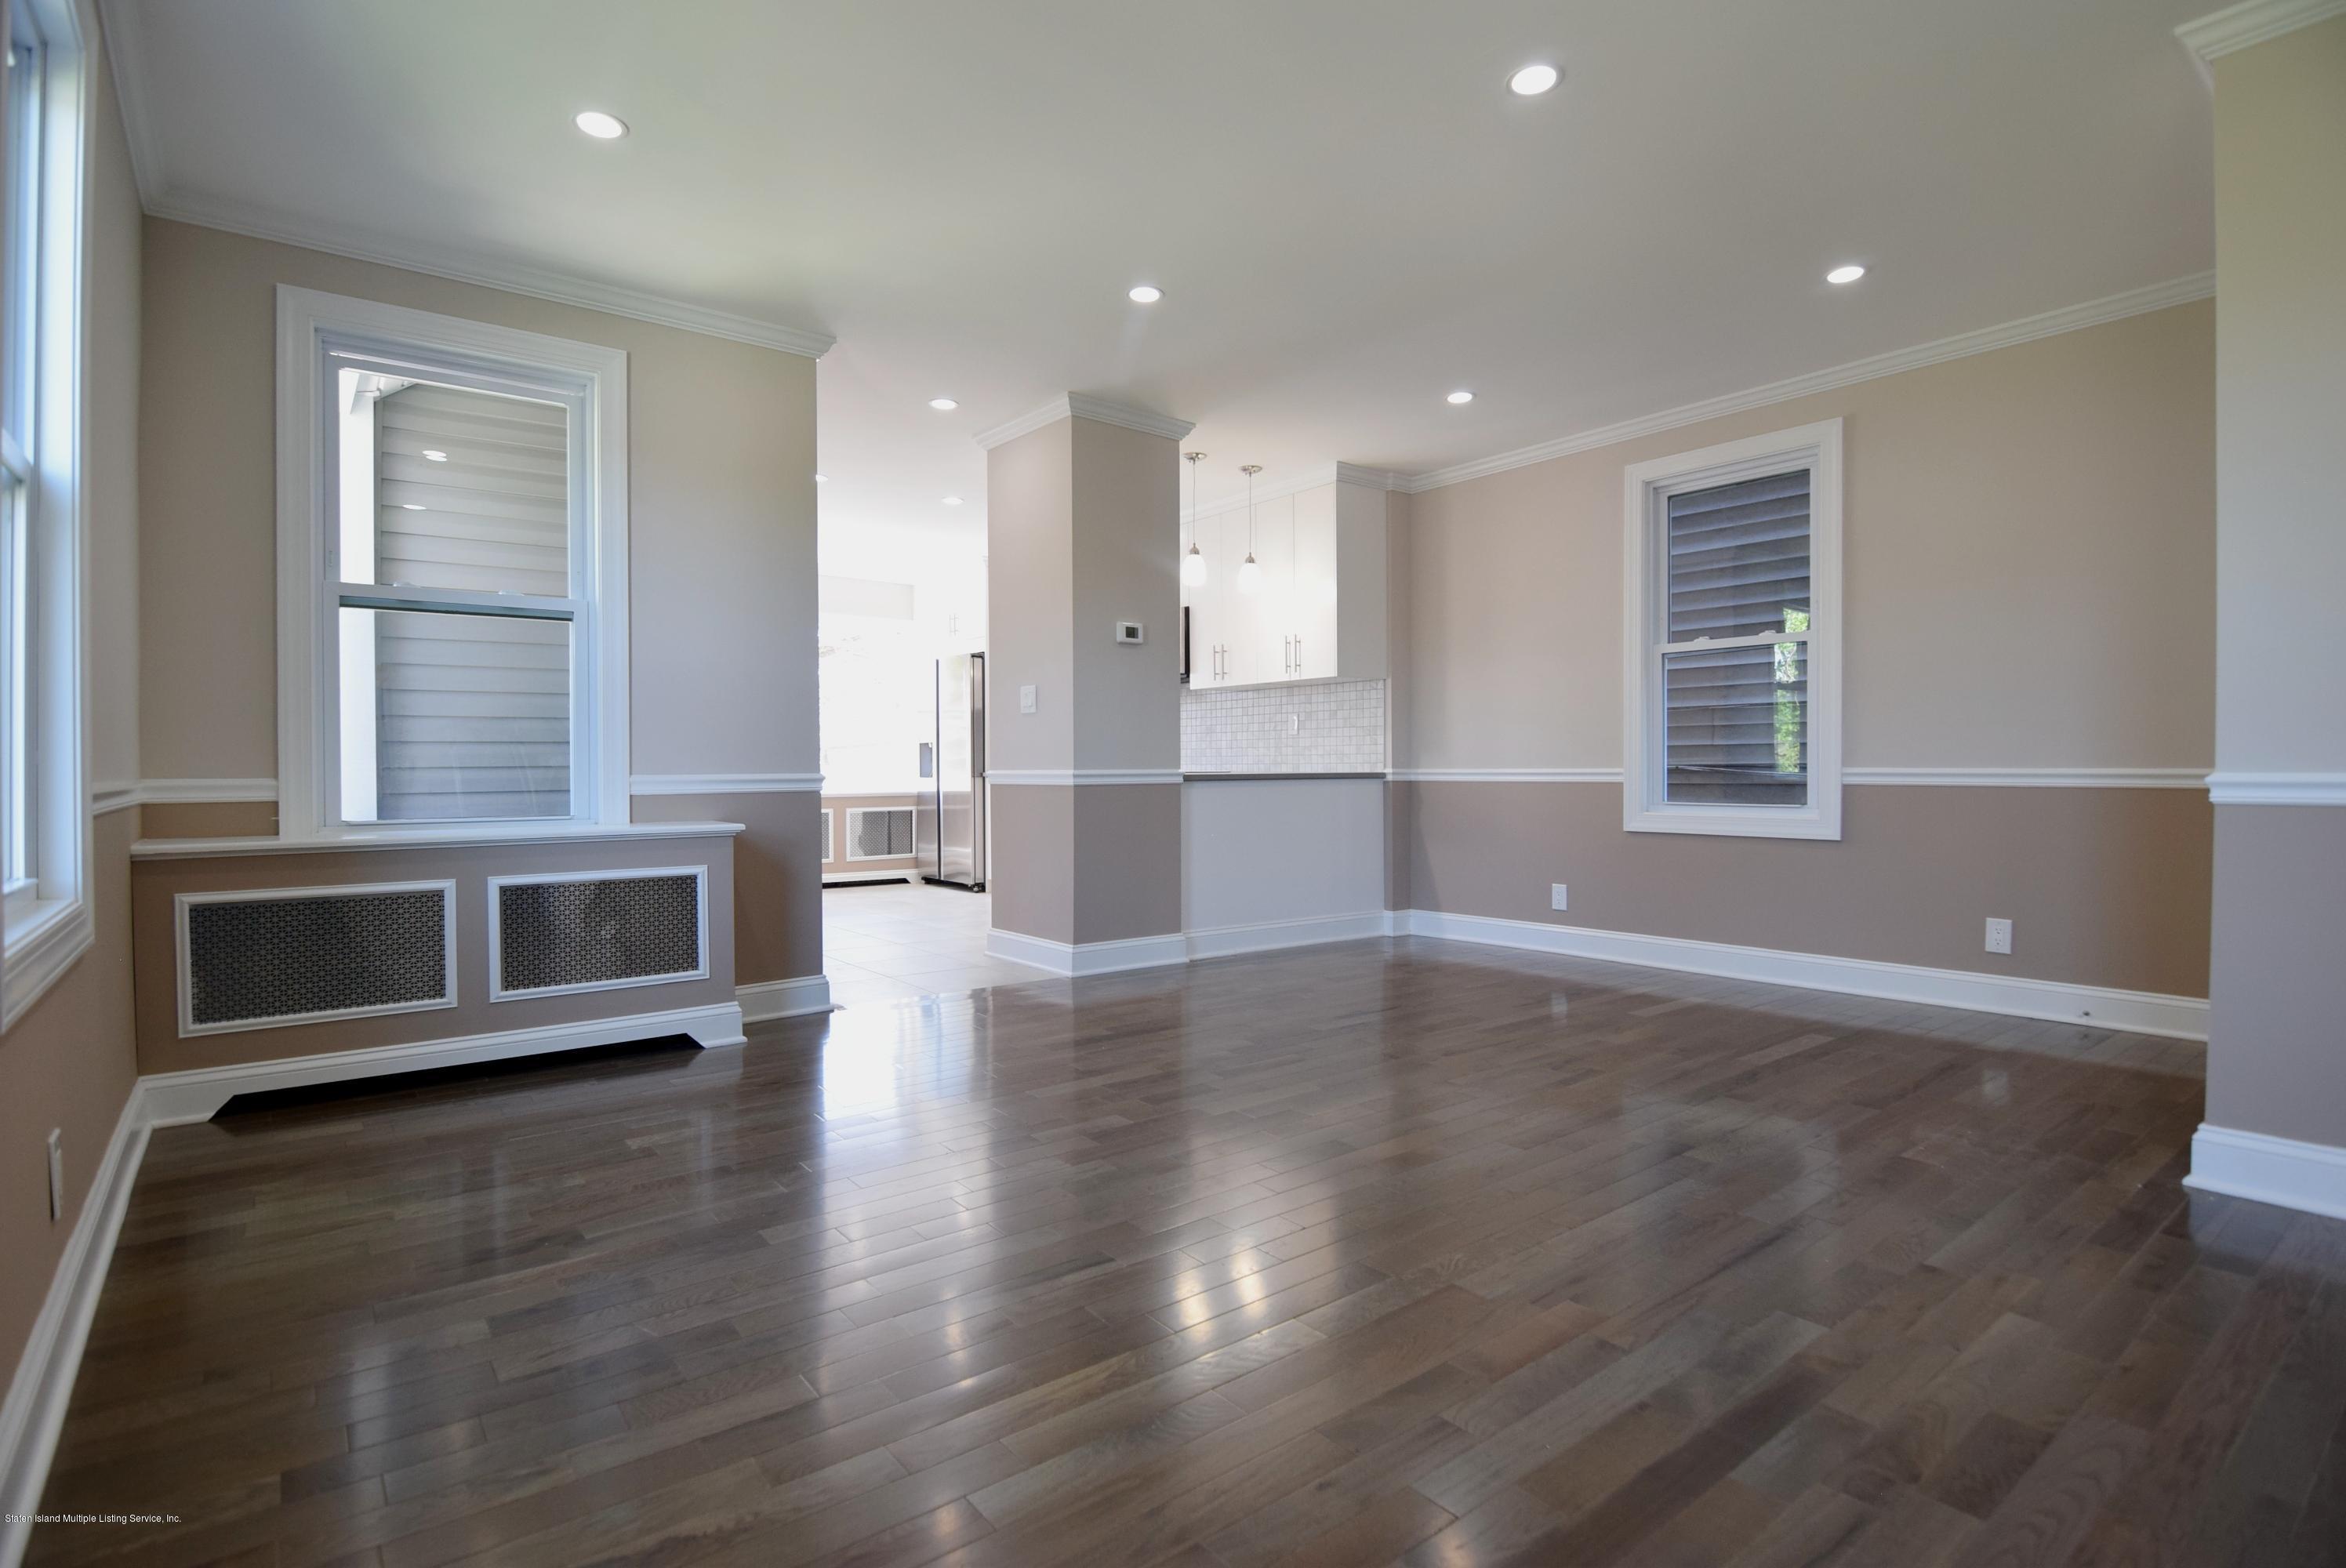 Single Family - Detached 55 Park Avenue  Staten Island, NY 10302, MLS-1128331-7